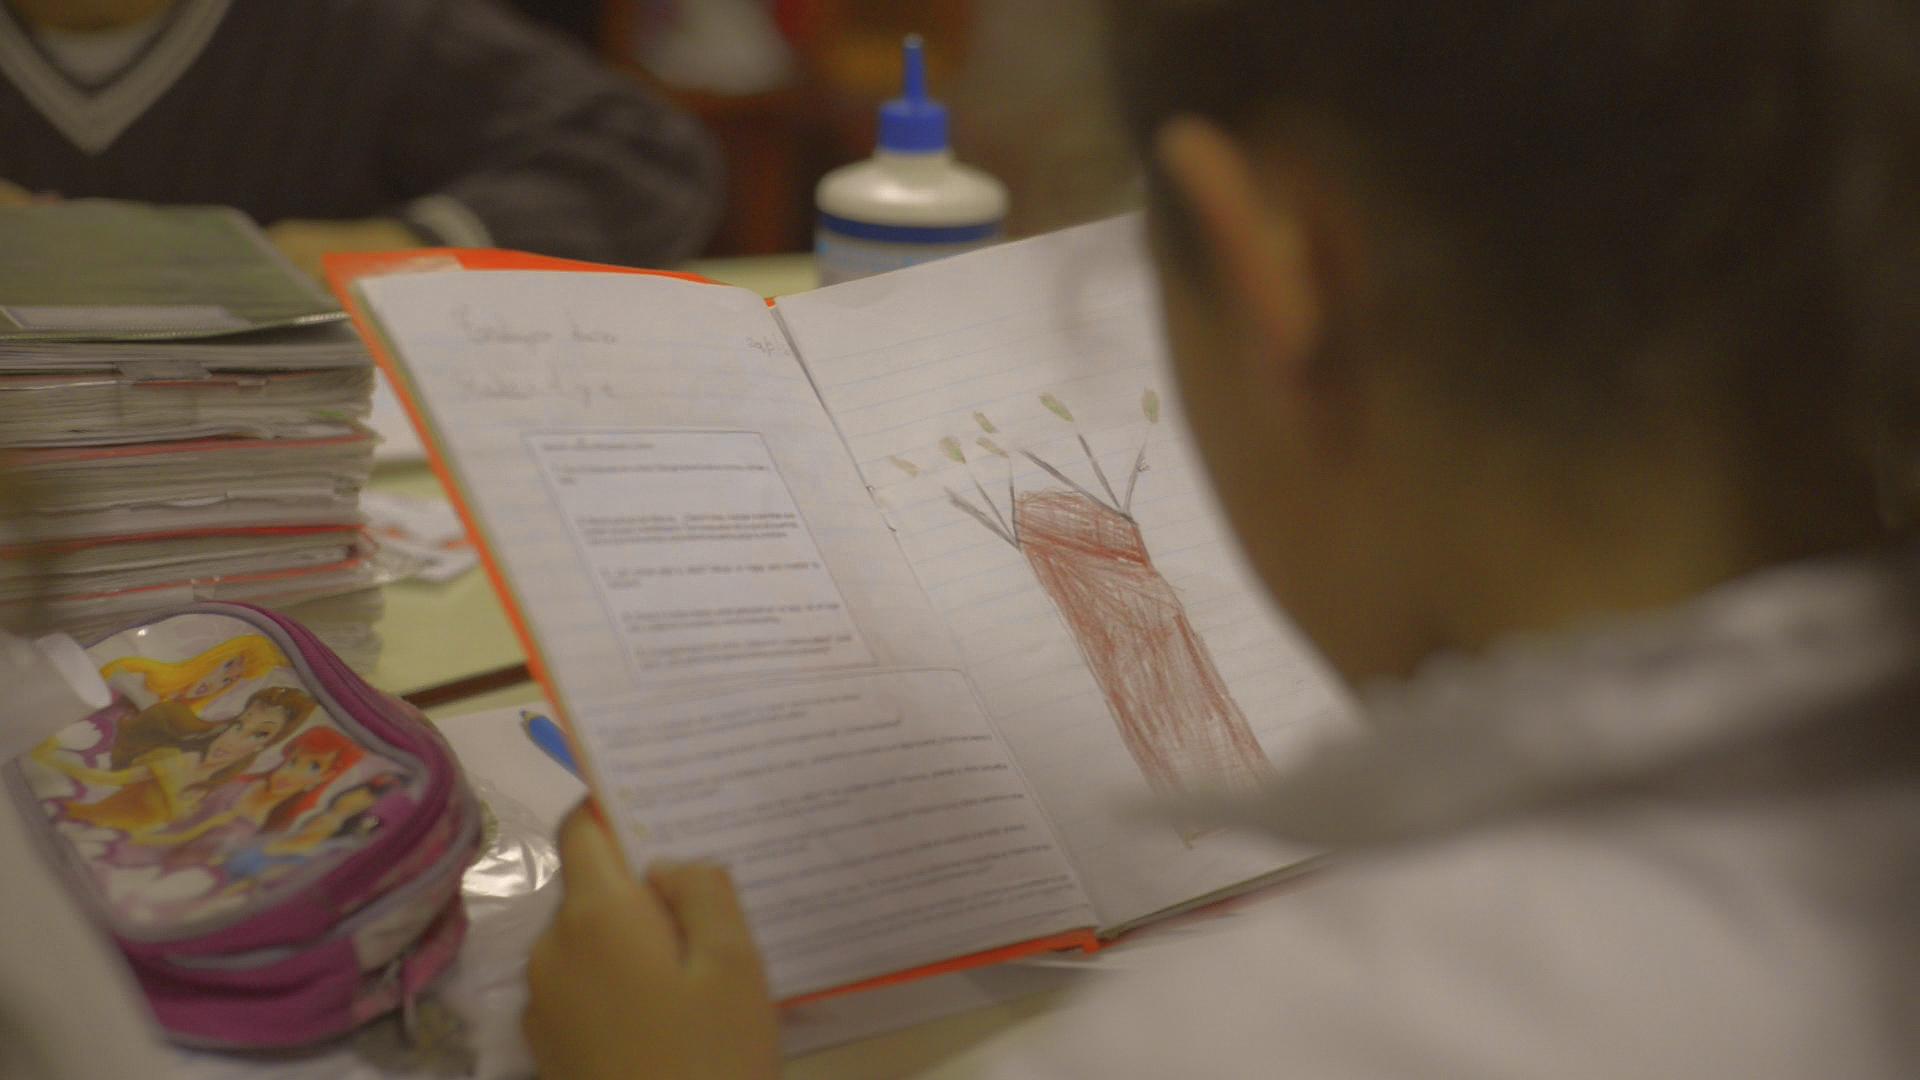 Lumin y Montes del Plata aportan herramienta educativa a través del Plan Ceibal